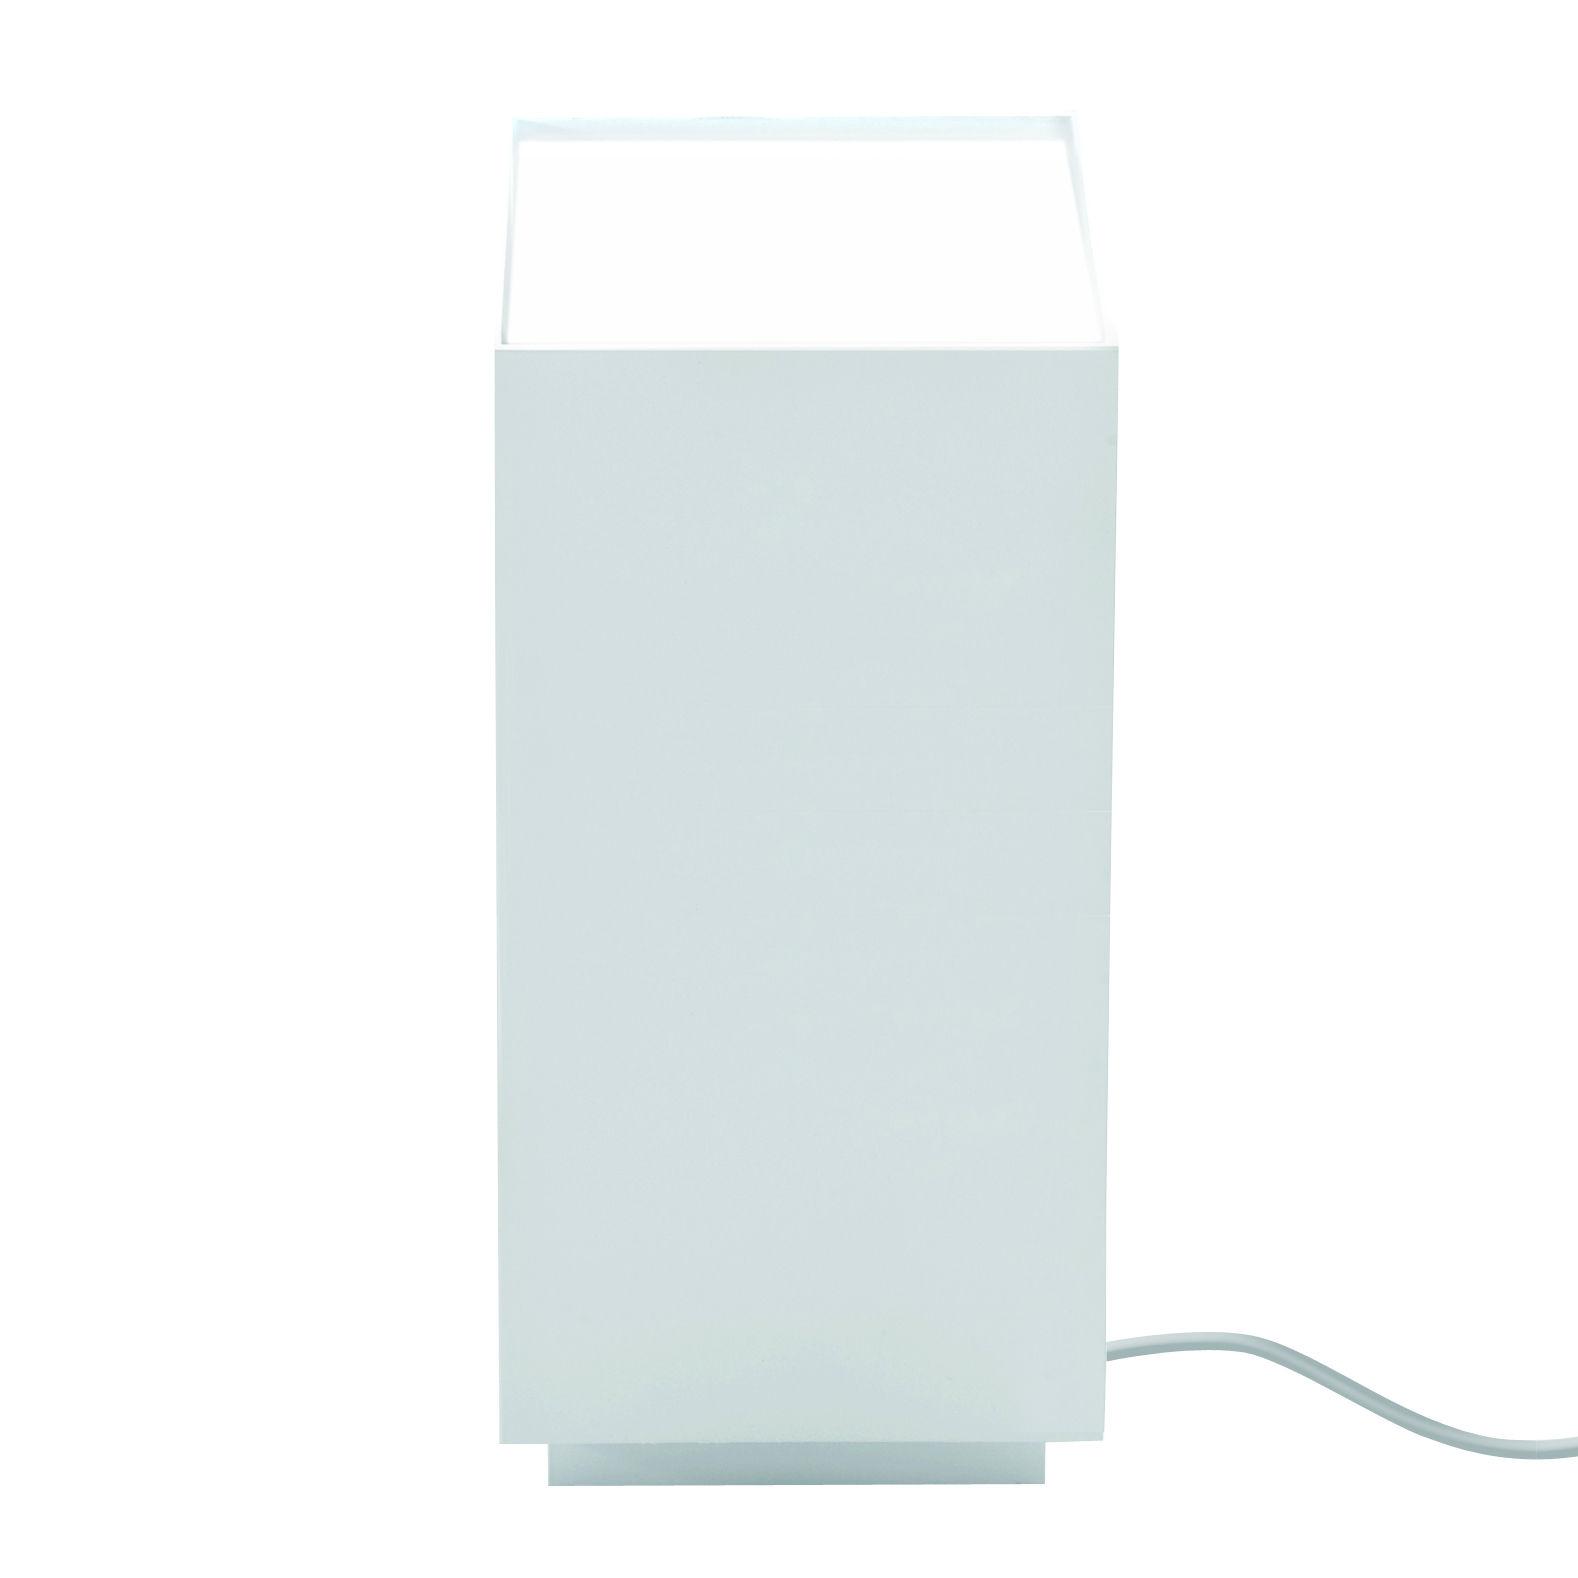 Luminaire - Lampes de table - Lampe de table Prisma / LED - Aluminium - Nemo - Blanc mat - Aluminium extrudé, Polycarbonate